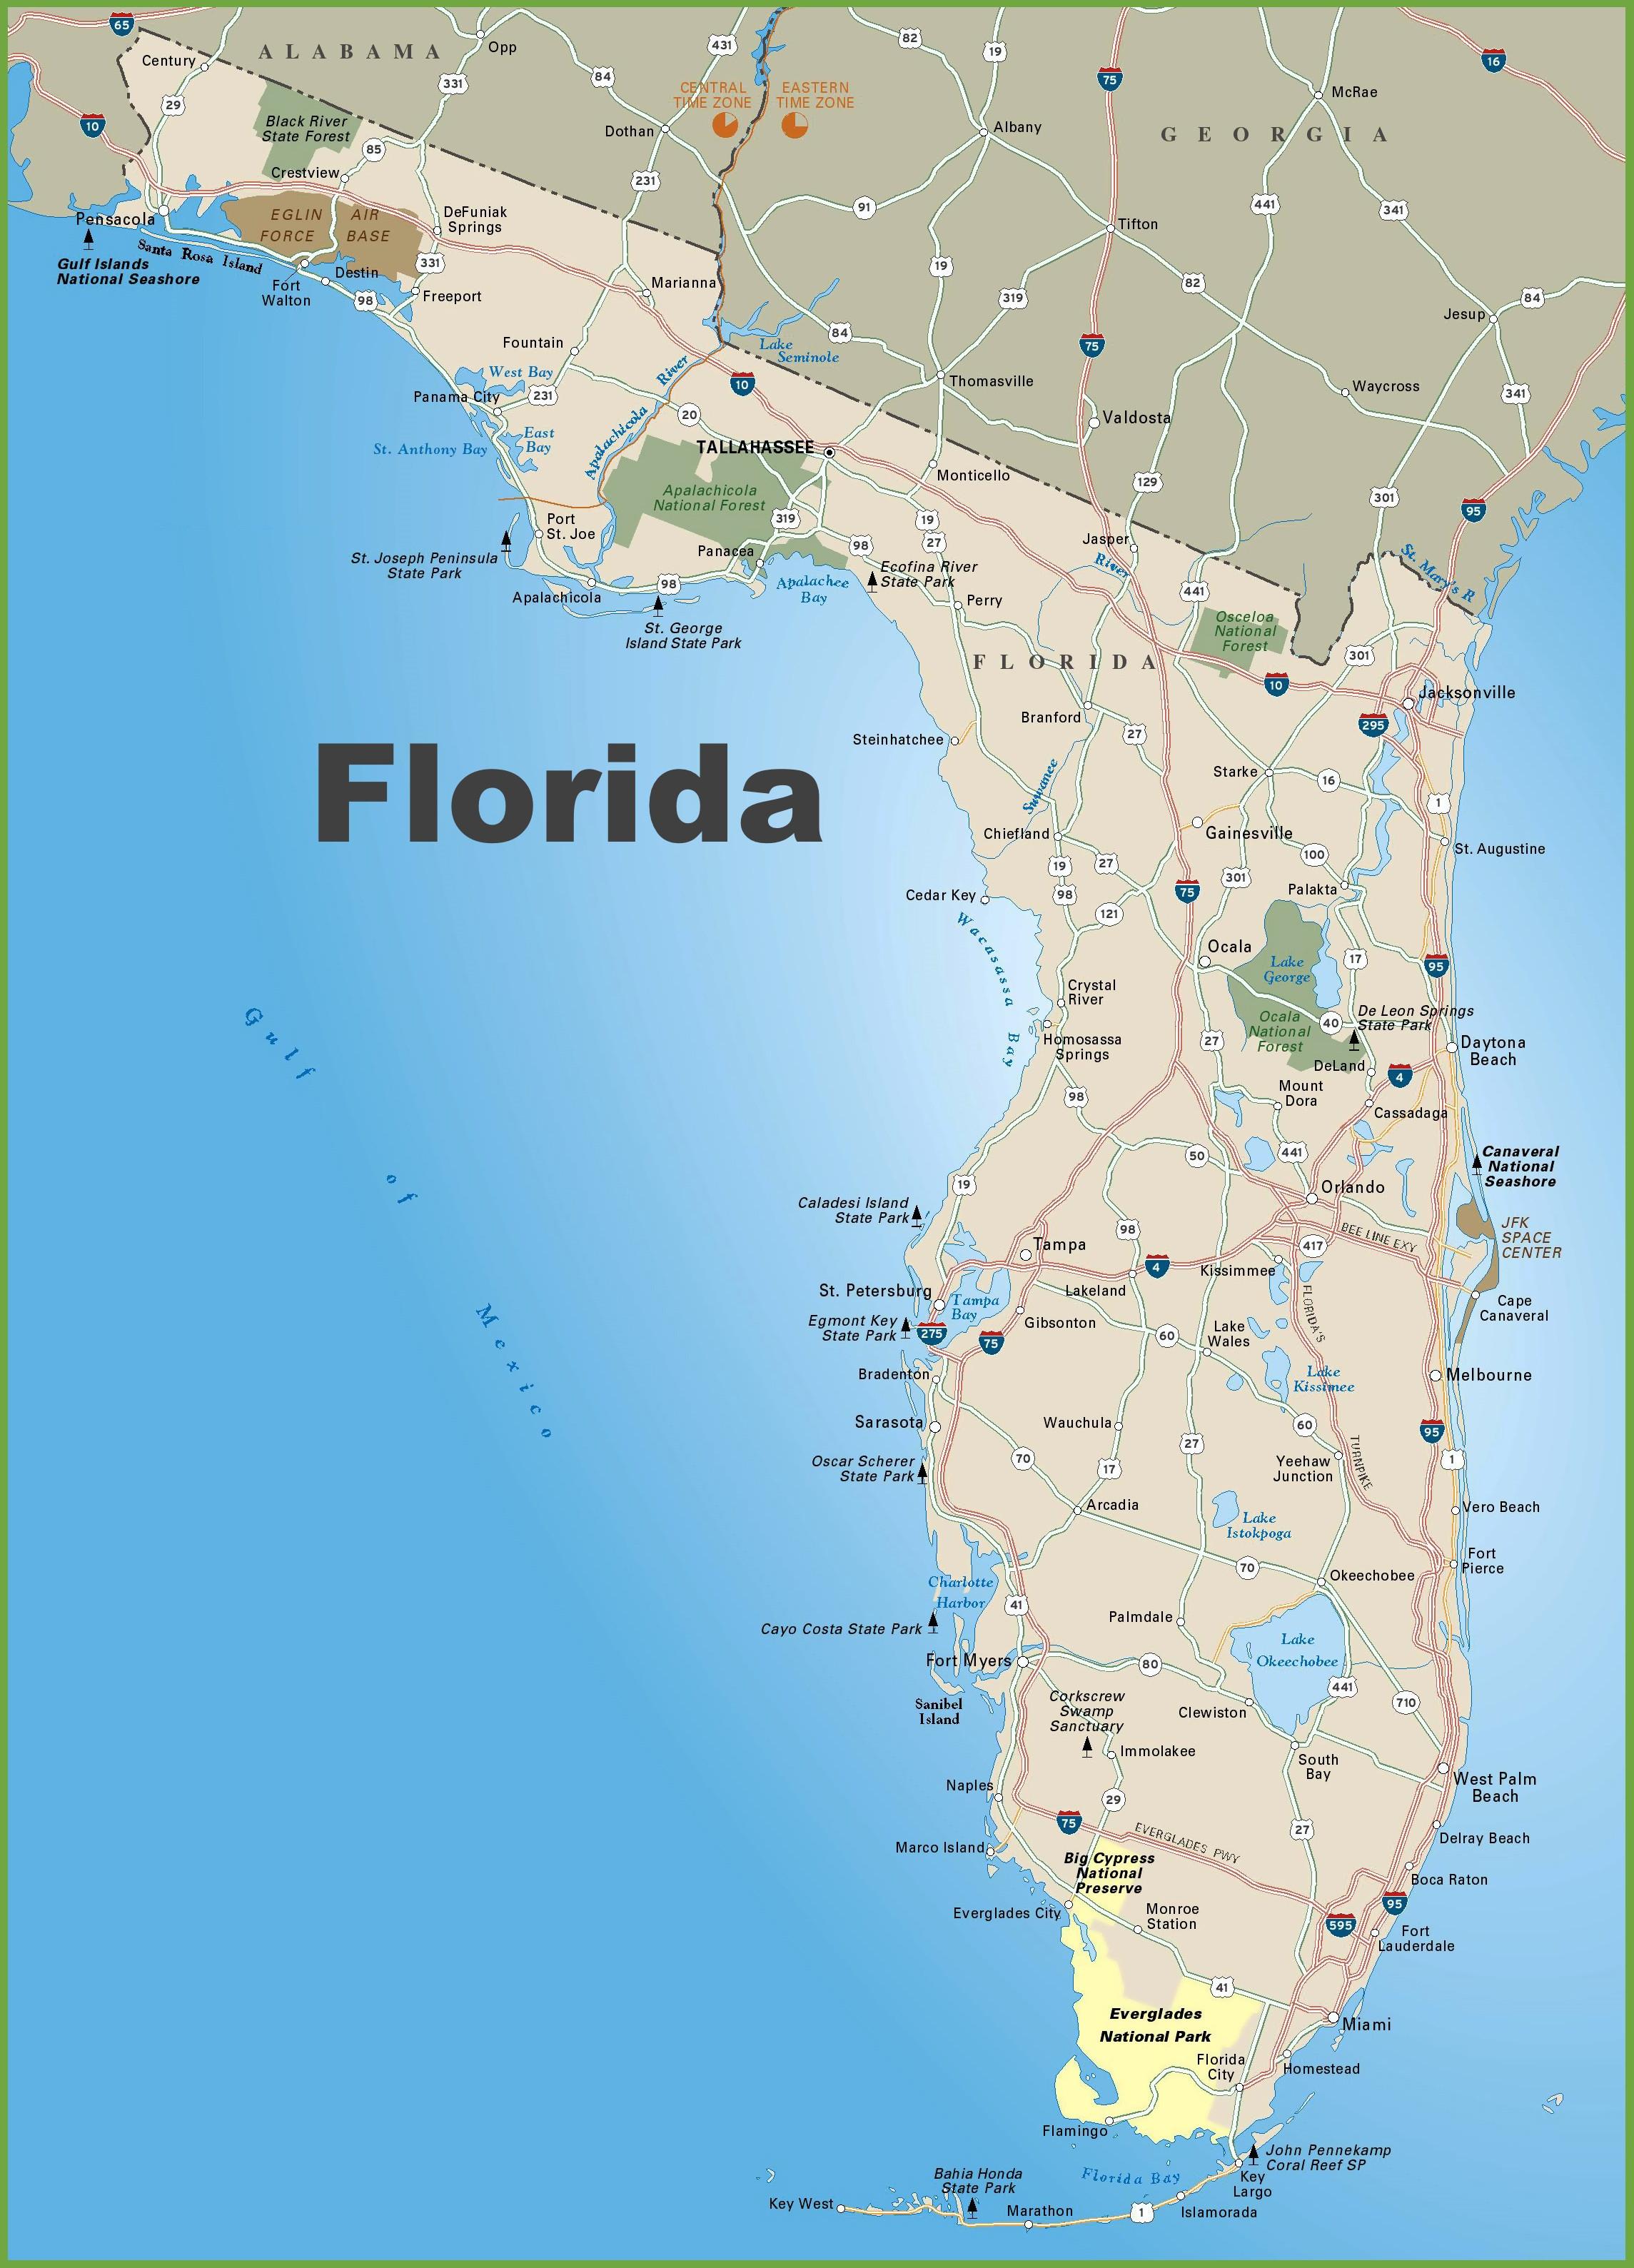 Florida Map Boca Raton Florida Map Geography Of Florida Map Of - Carrabelle Florida Map